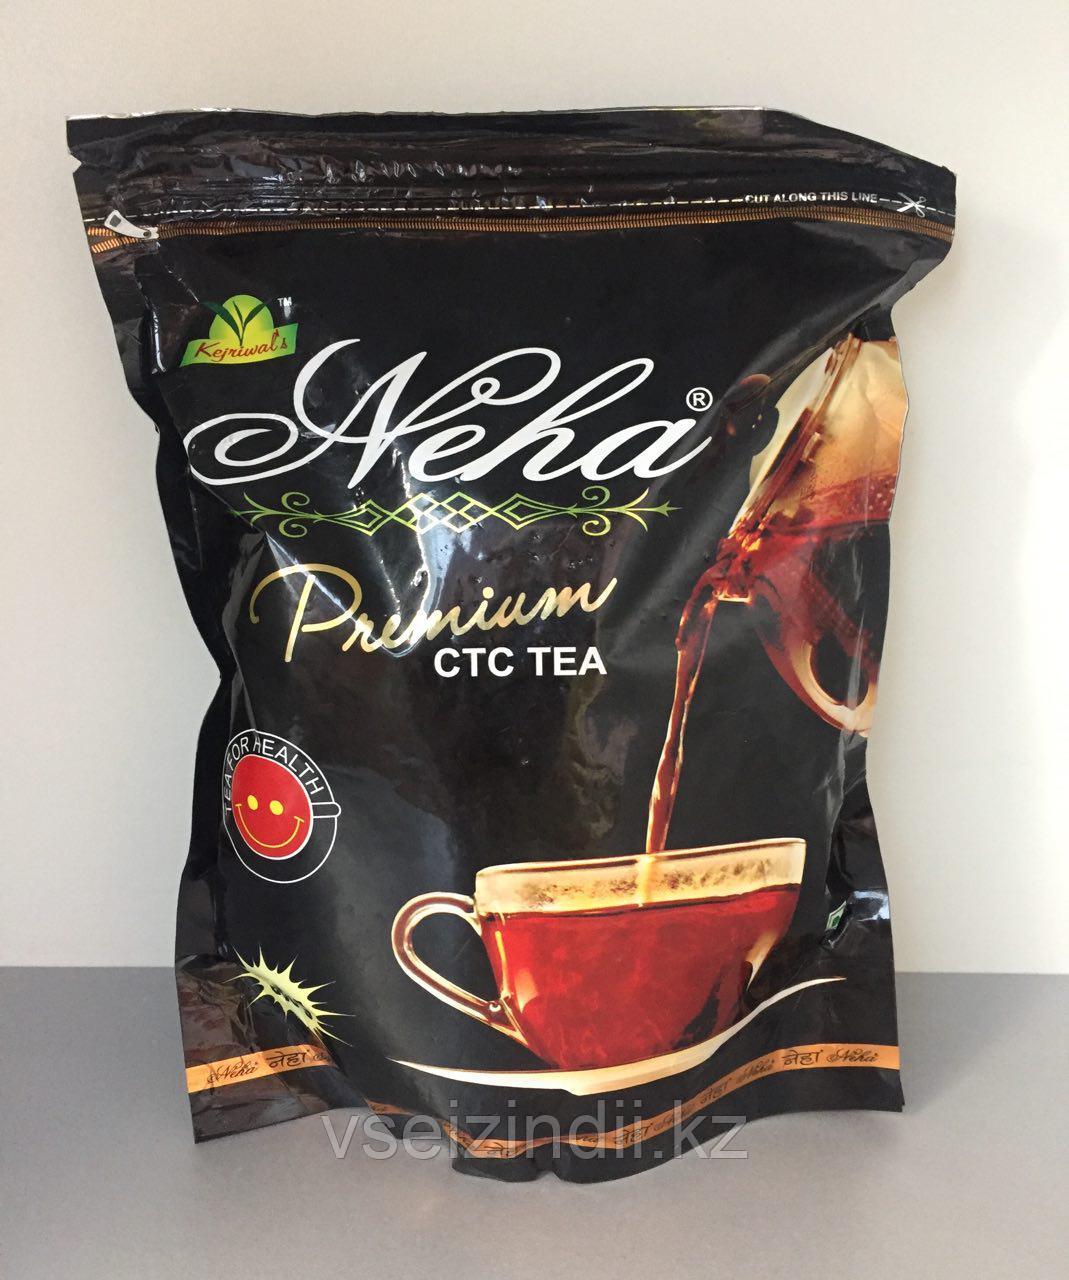 Чай Neha Premium (высшего качества) гранулированный, СТС 500 гр